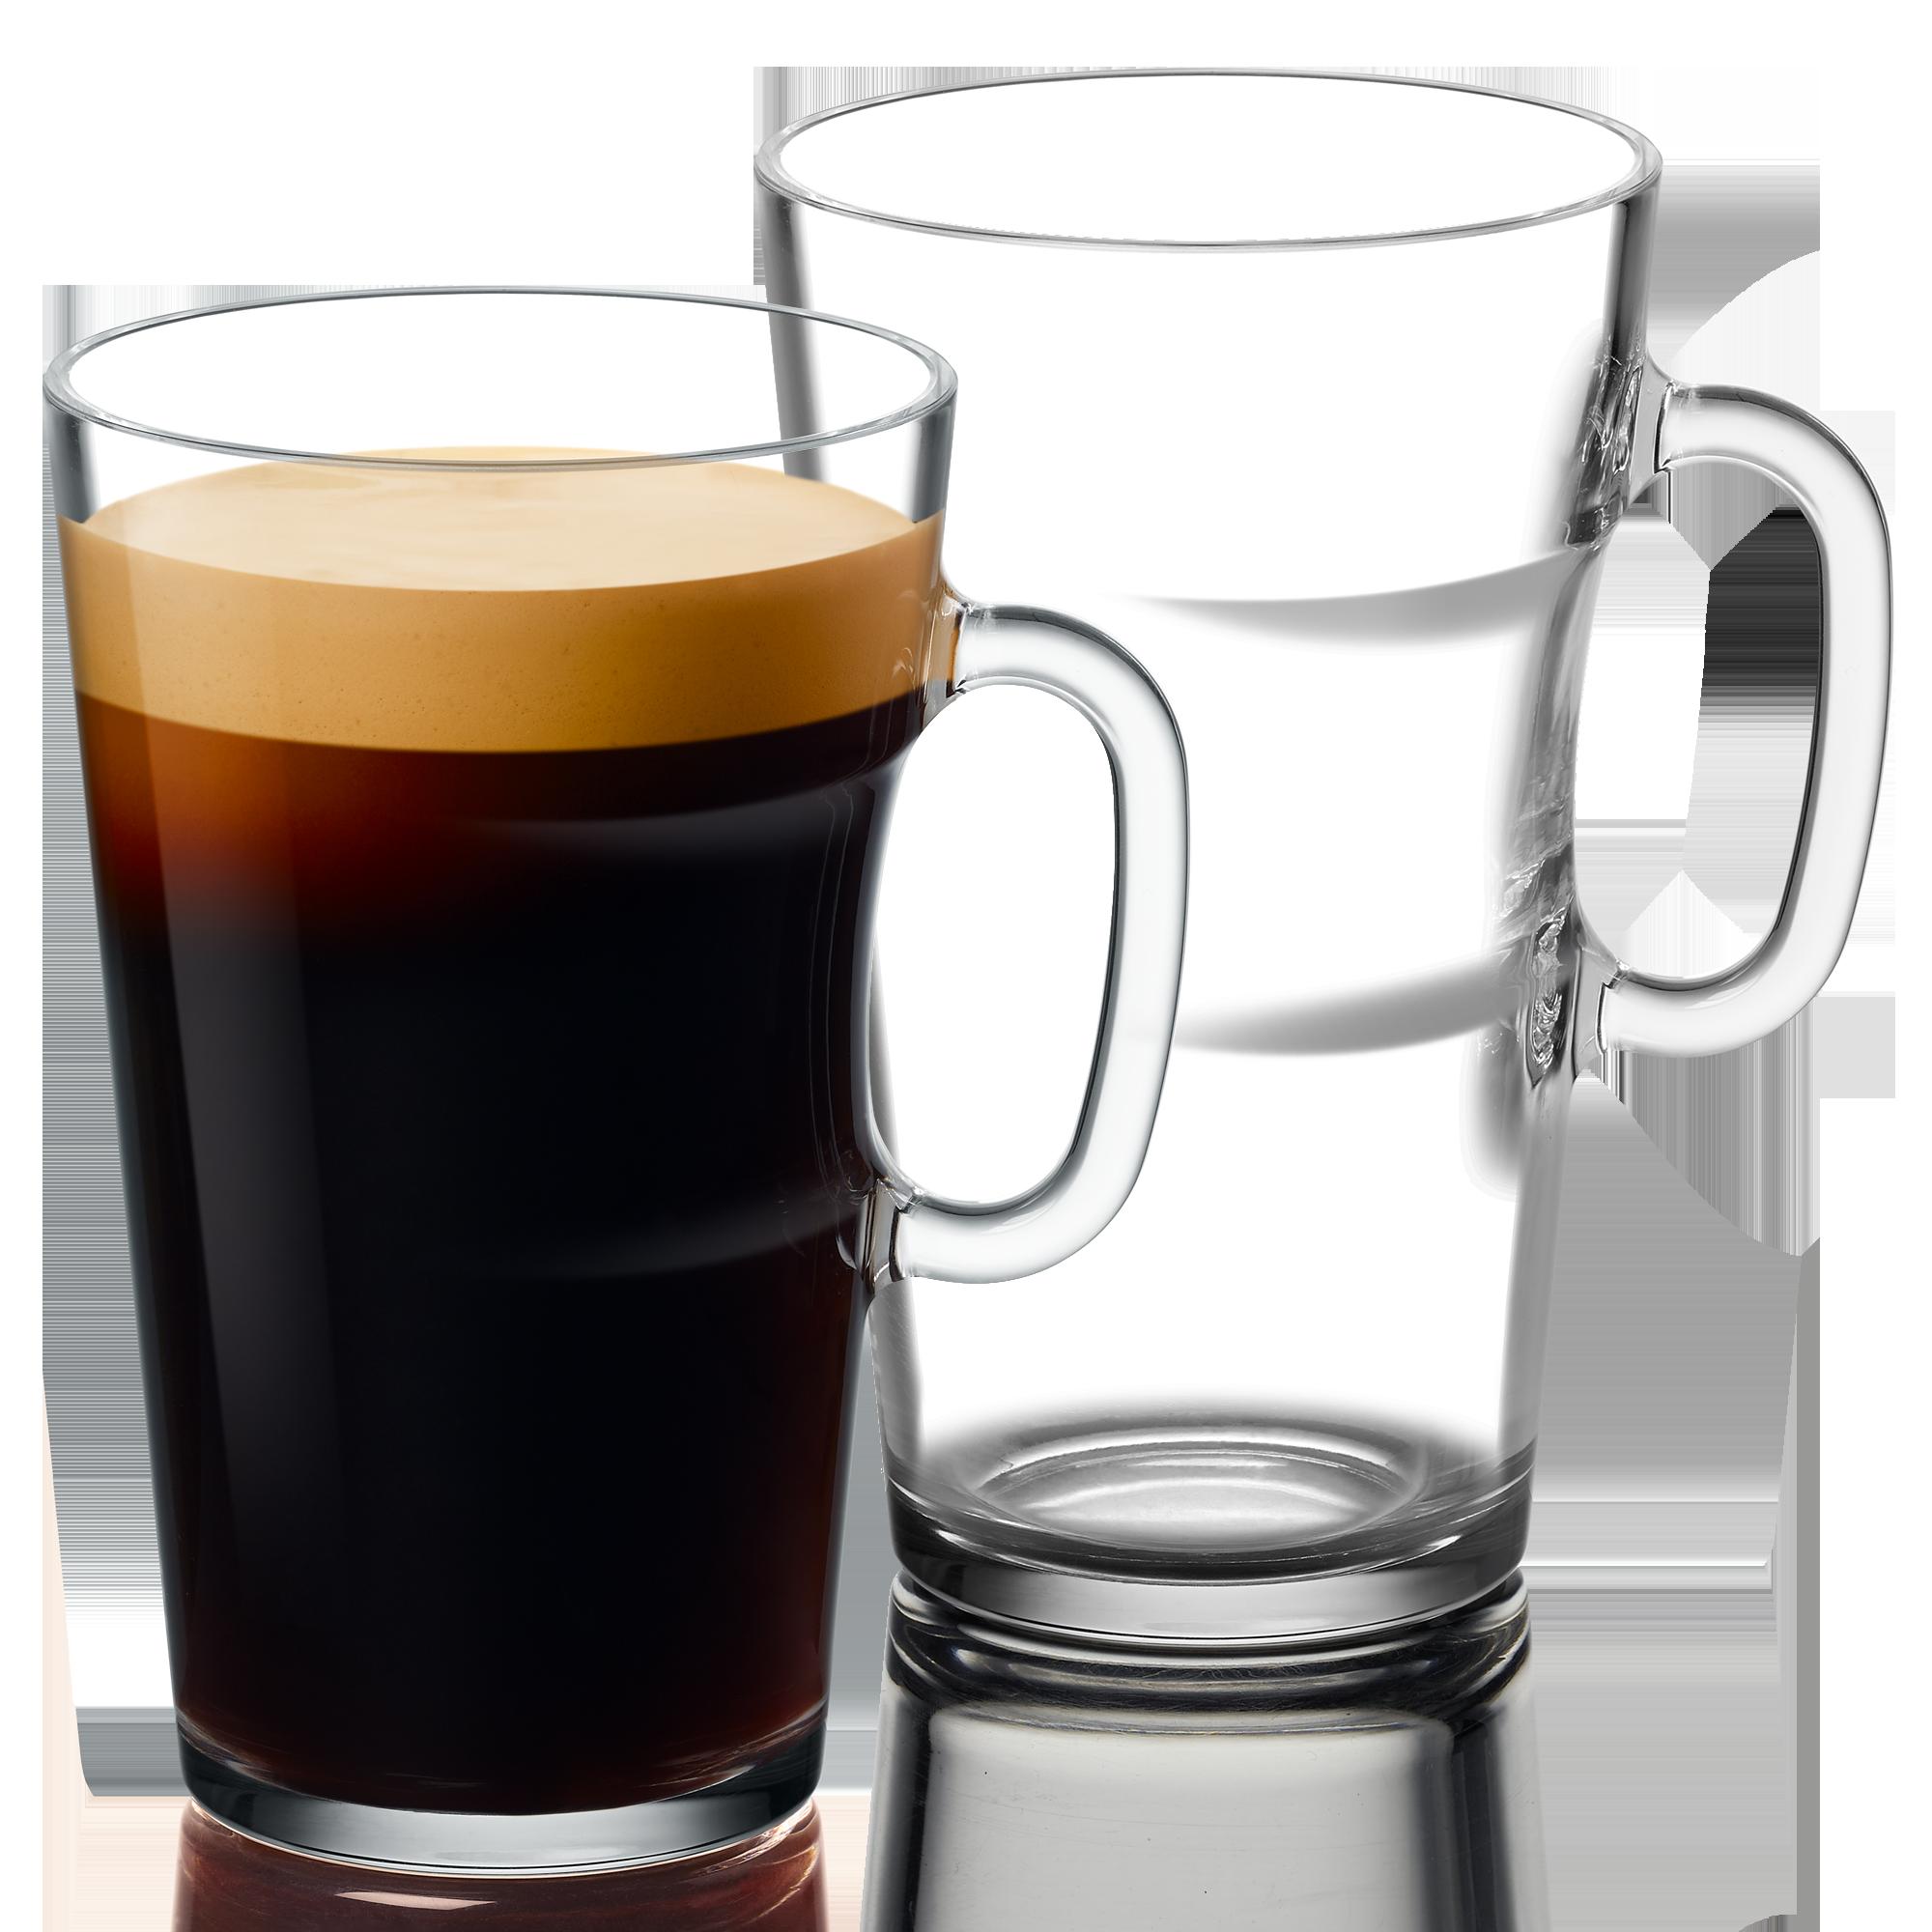 VIEW Alto Becher Set von Nespresso aus 2 Glastassen mit je 550ml